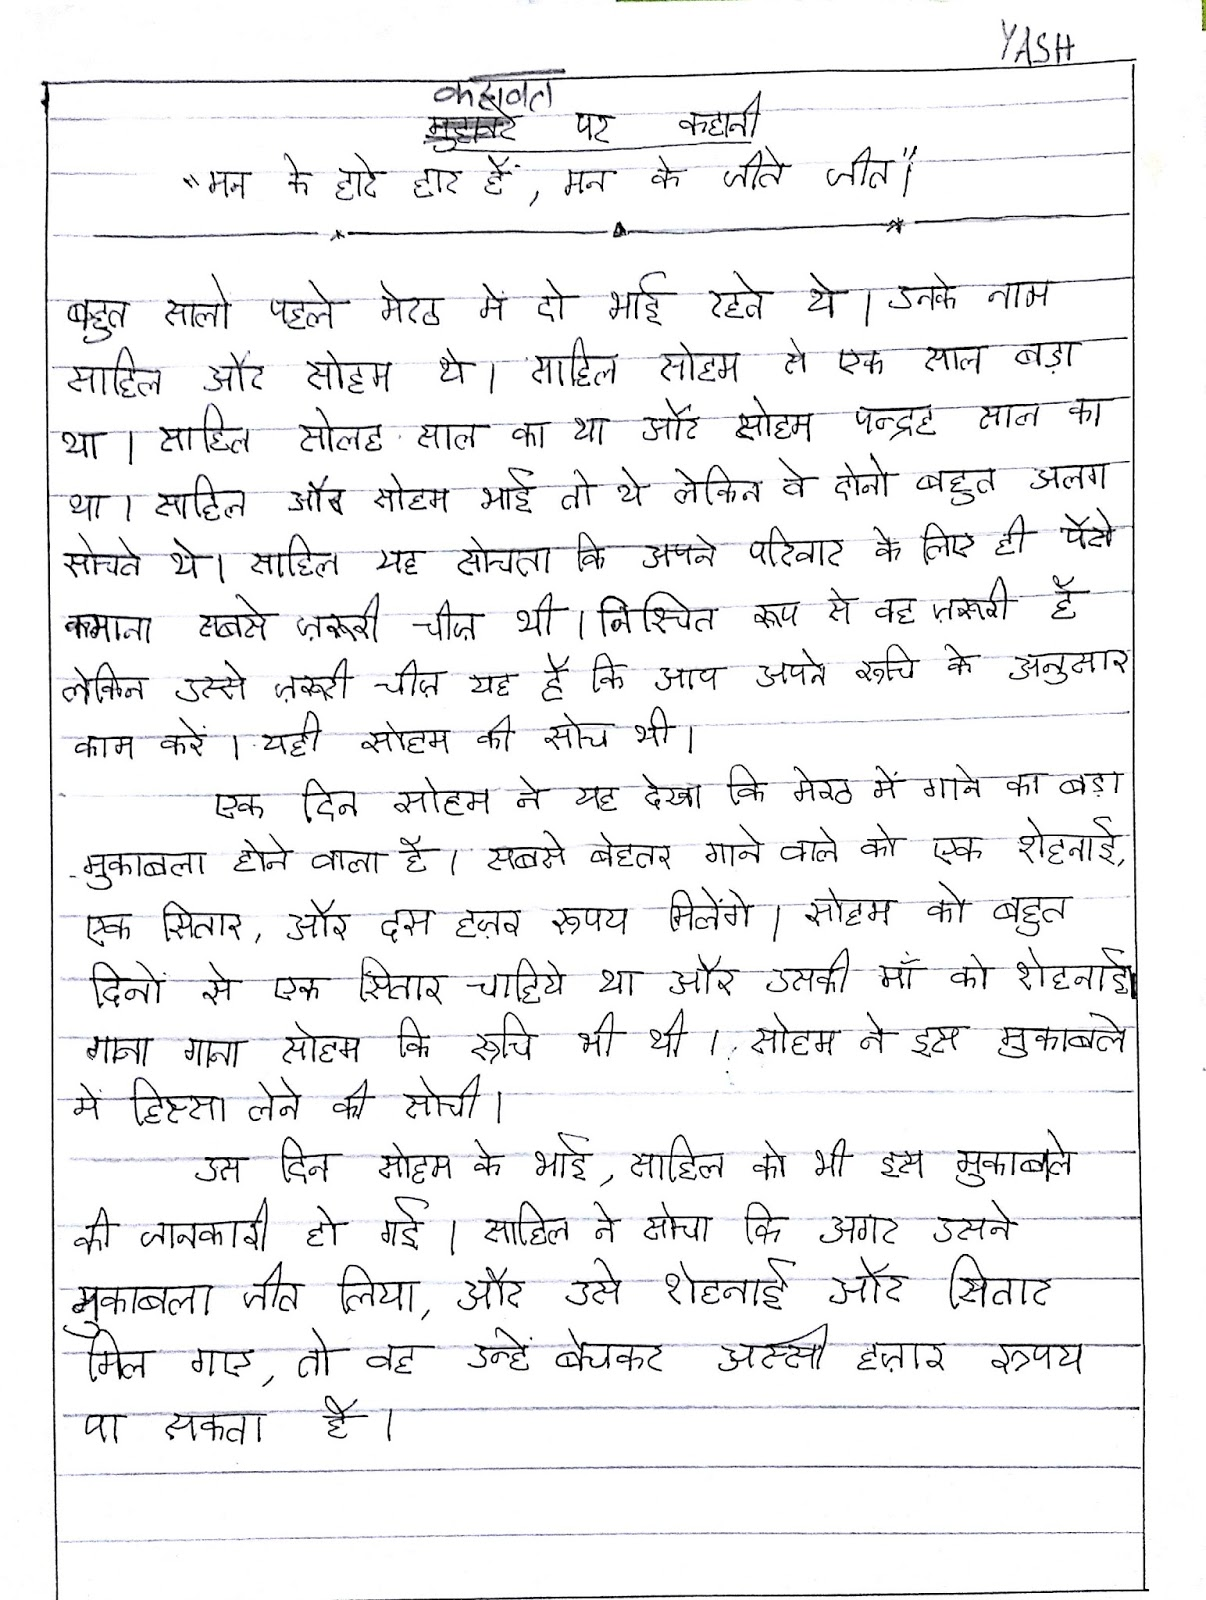 a story on hindi proverb mann ke hare har hain mann ke jeete jeet Hindi news से जुड़े अन्य अपडेट हासिल करने के लिए हमें फेसबुक और ट्विटर पर फॉलो करे डाउनलोड कीजिए dainik bhaskar का मोबाइल ऐप.